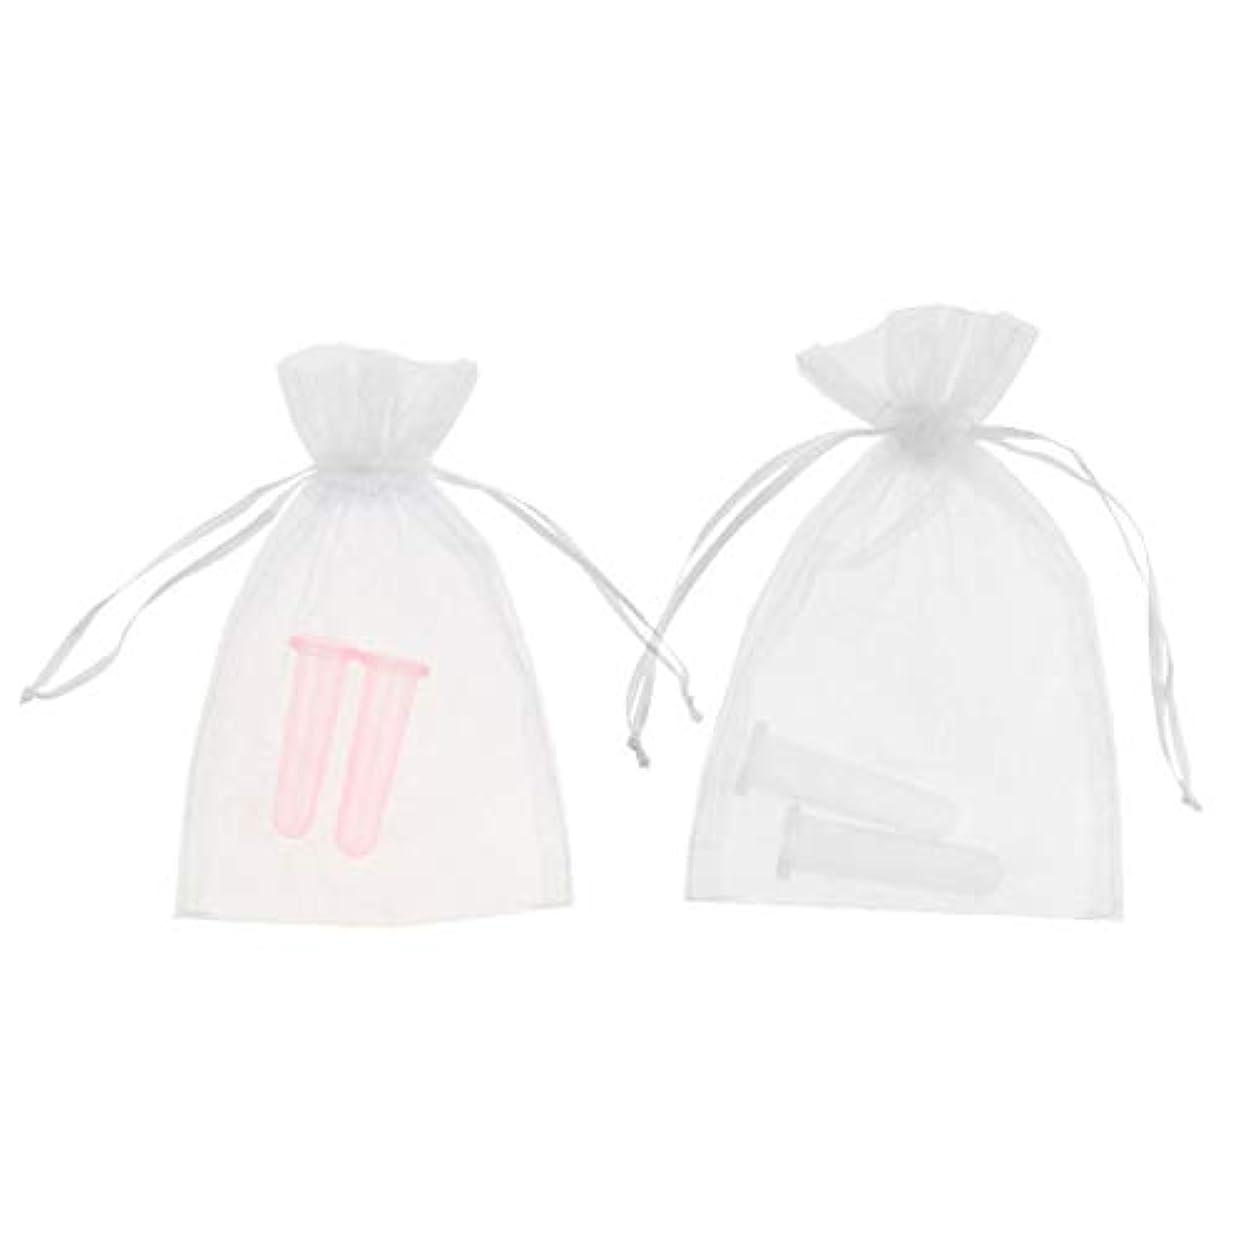 プロテスタントキラウエア山帝国シリコーン素材 顔 首用 マッサージ 吸い玉 カッピングカップ 2個 収納ポーチ 高品質